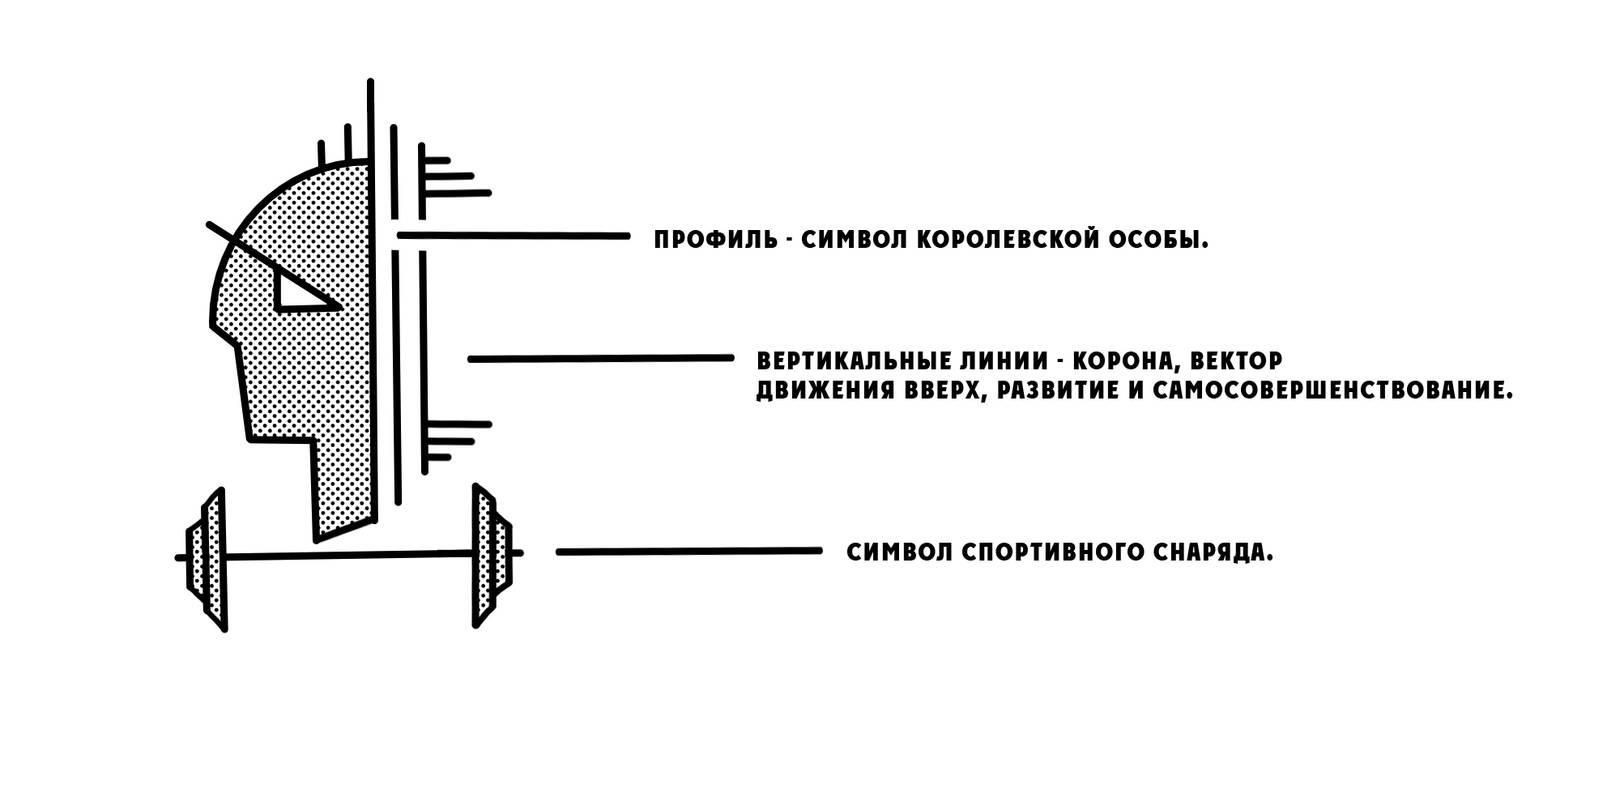 Логотип: женский профиль - символ королевской особы. Вертикальные линии - корона, вектор движения вверх, развитие и самосовершенствование. Гантель - символ спортивного снаряда.